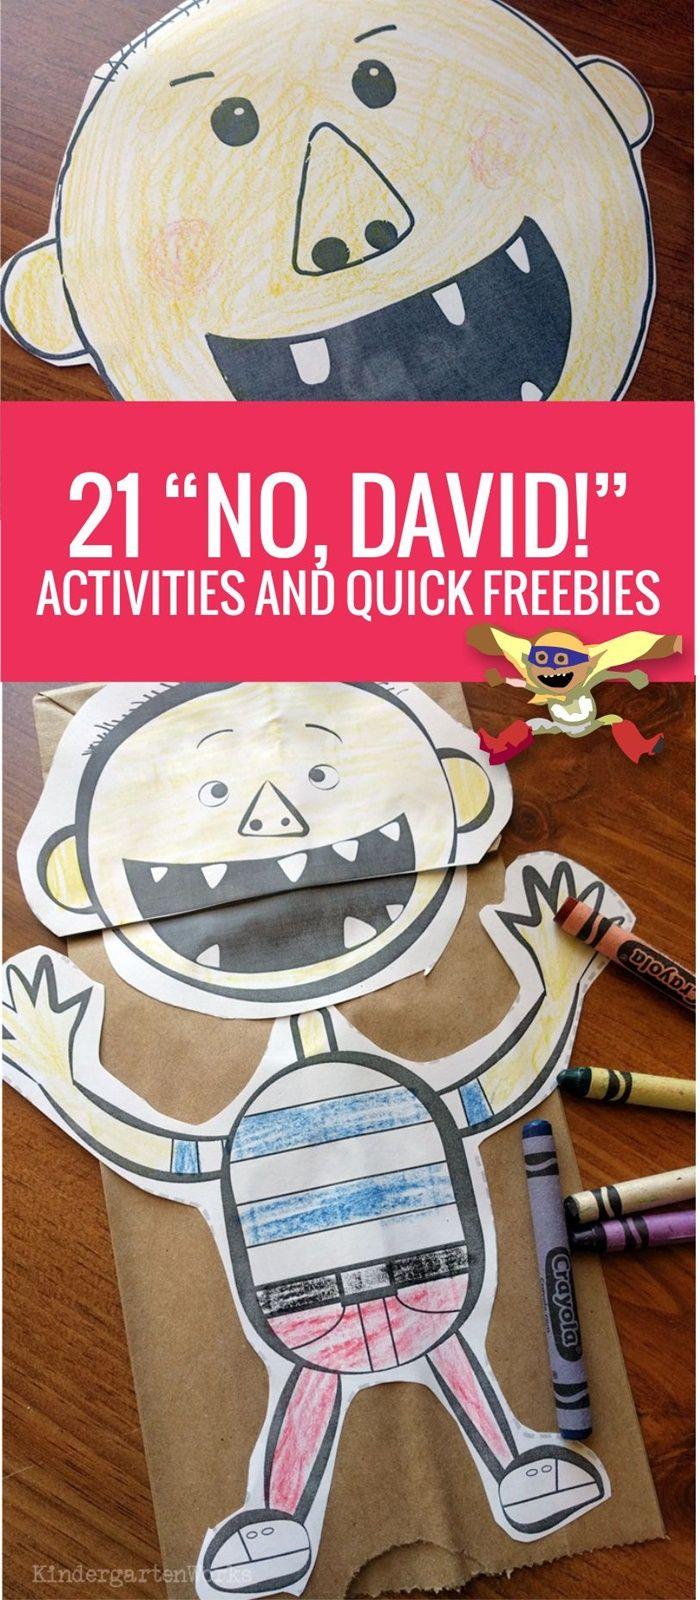 Kinder Garden: 21 No David Activities And Quick Freebies